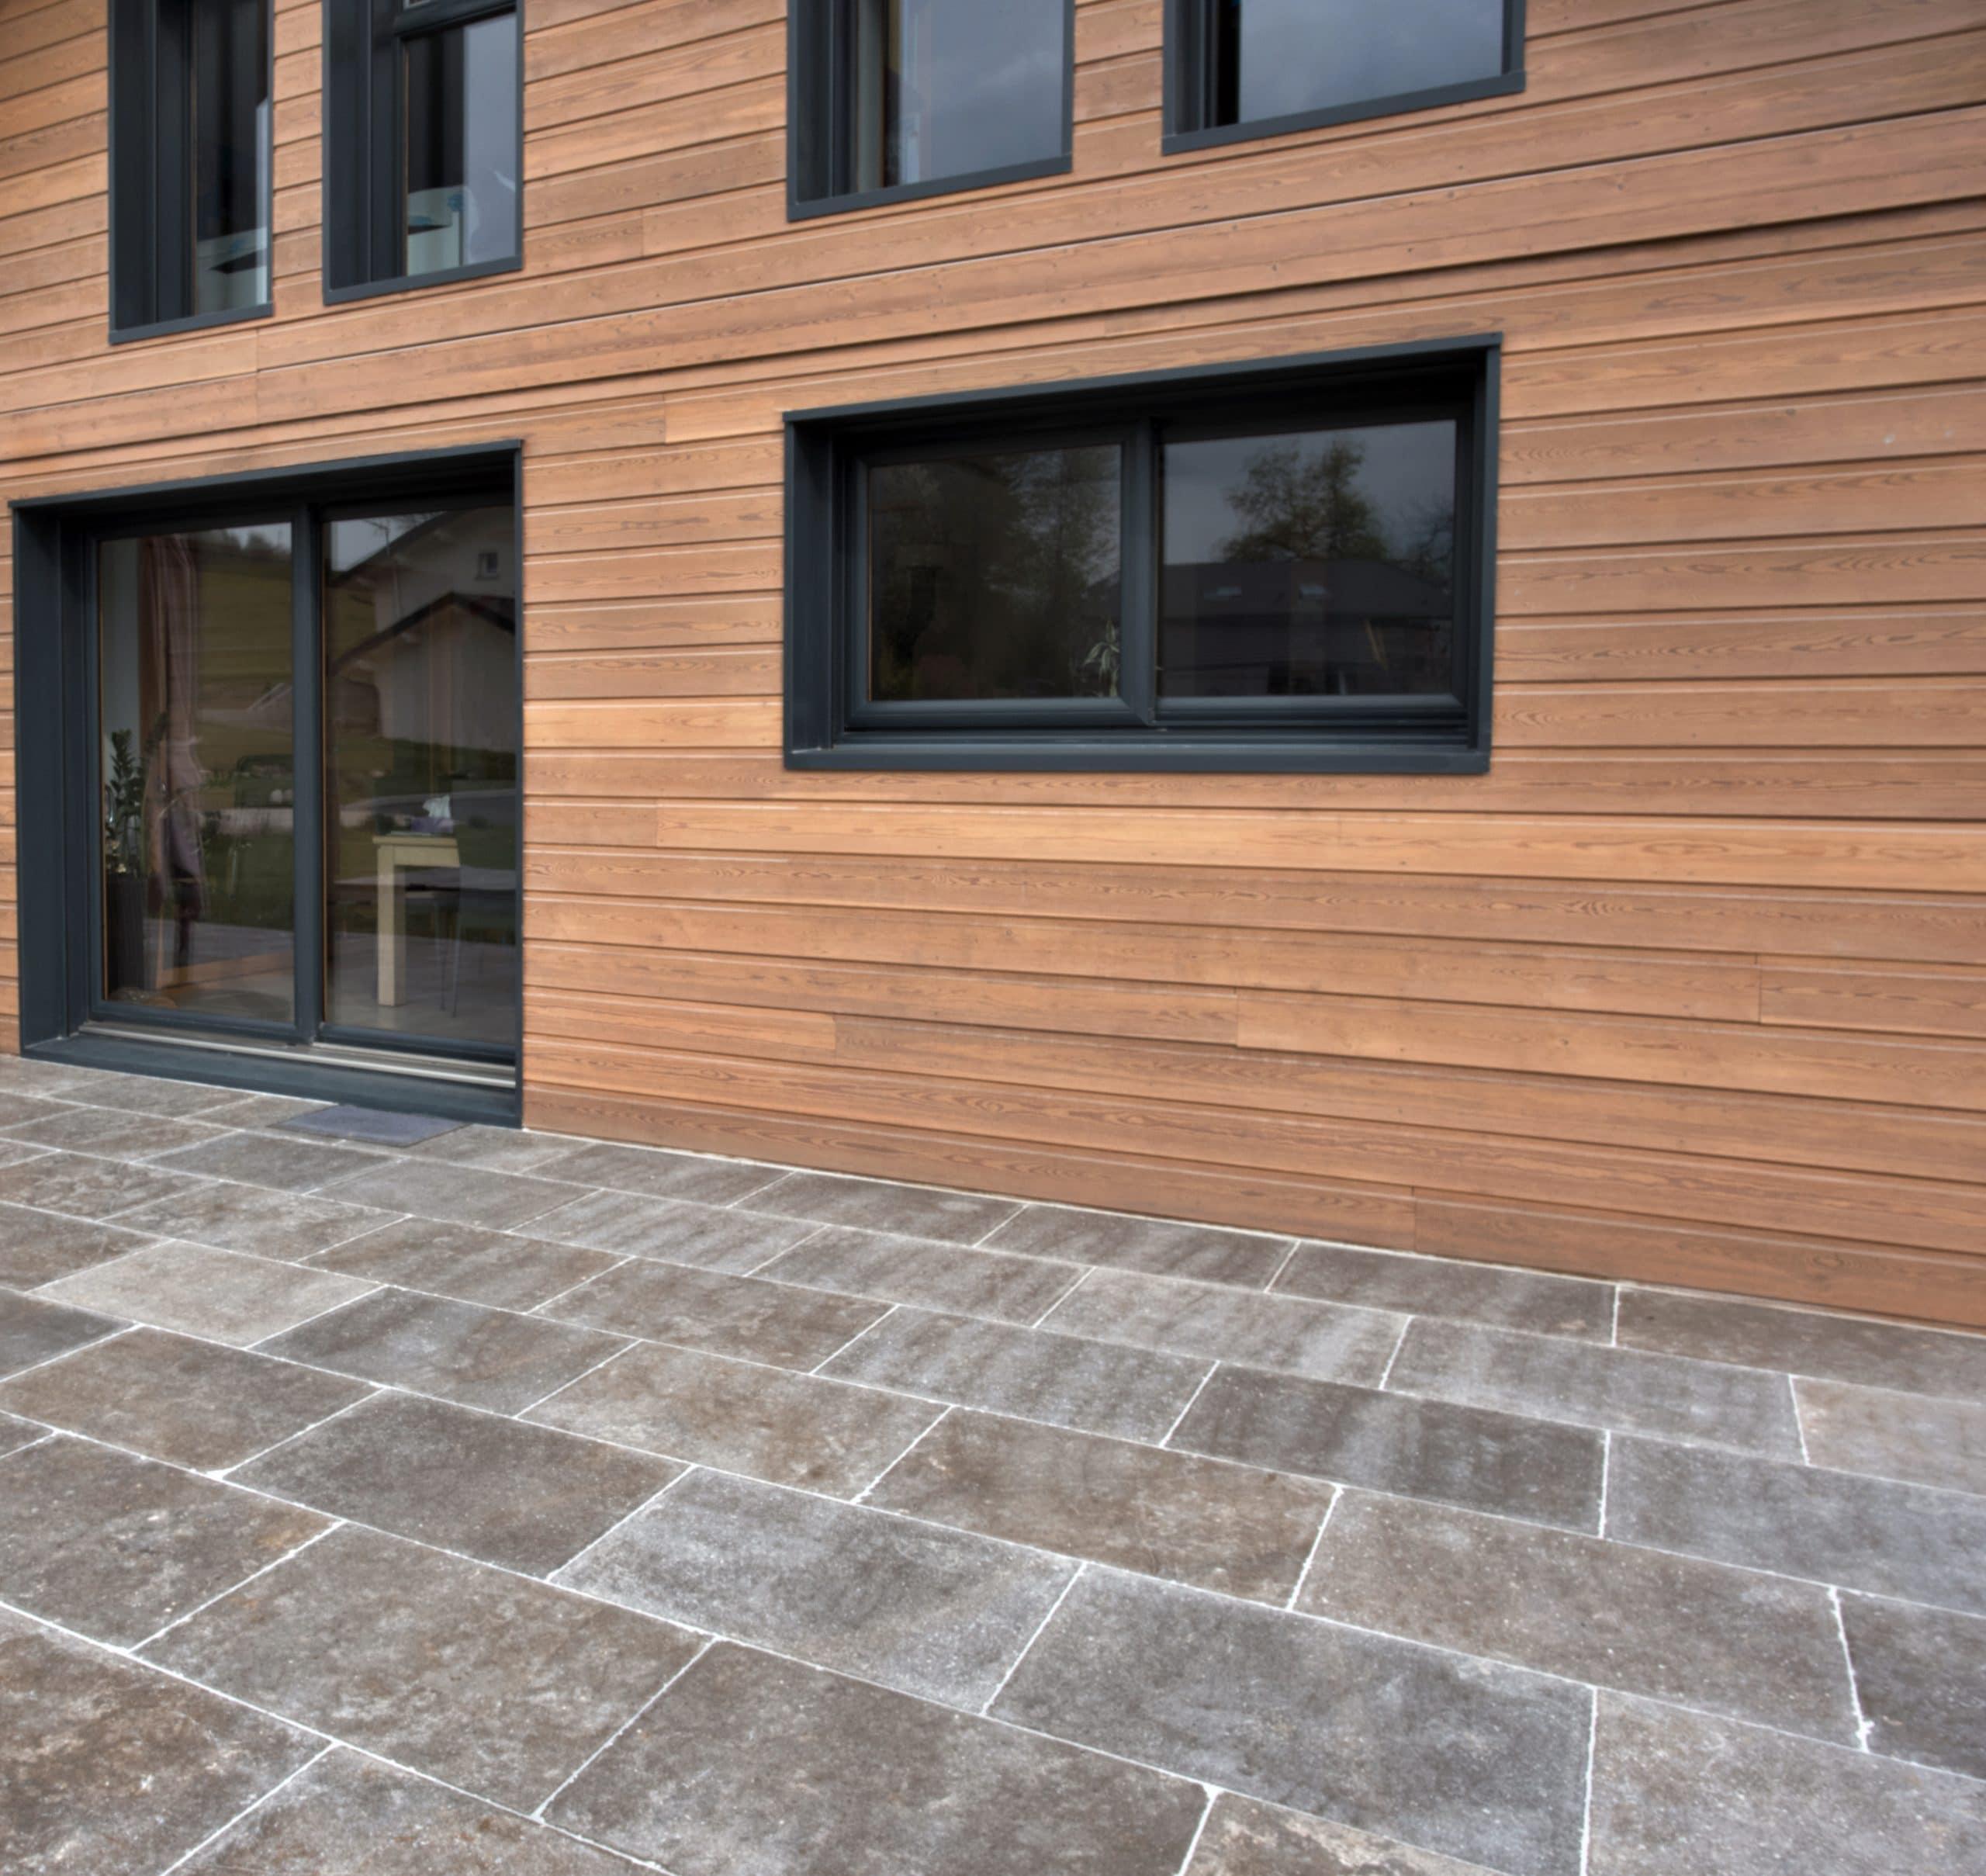 Sol extérieur en pierre naturelle - Terrasse recouverte de dalles Cèdre Cendré